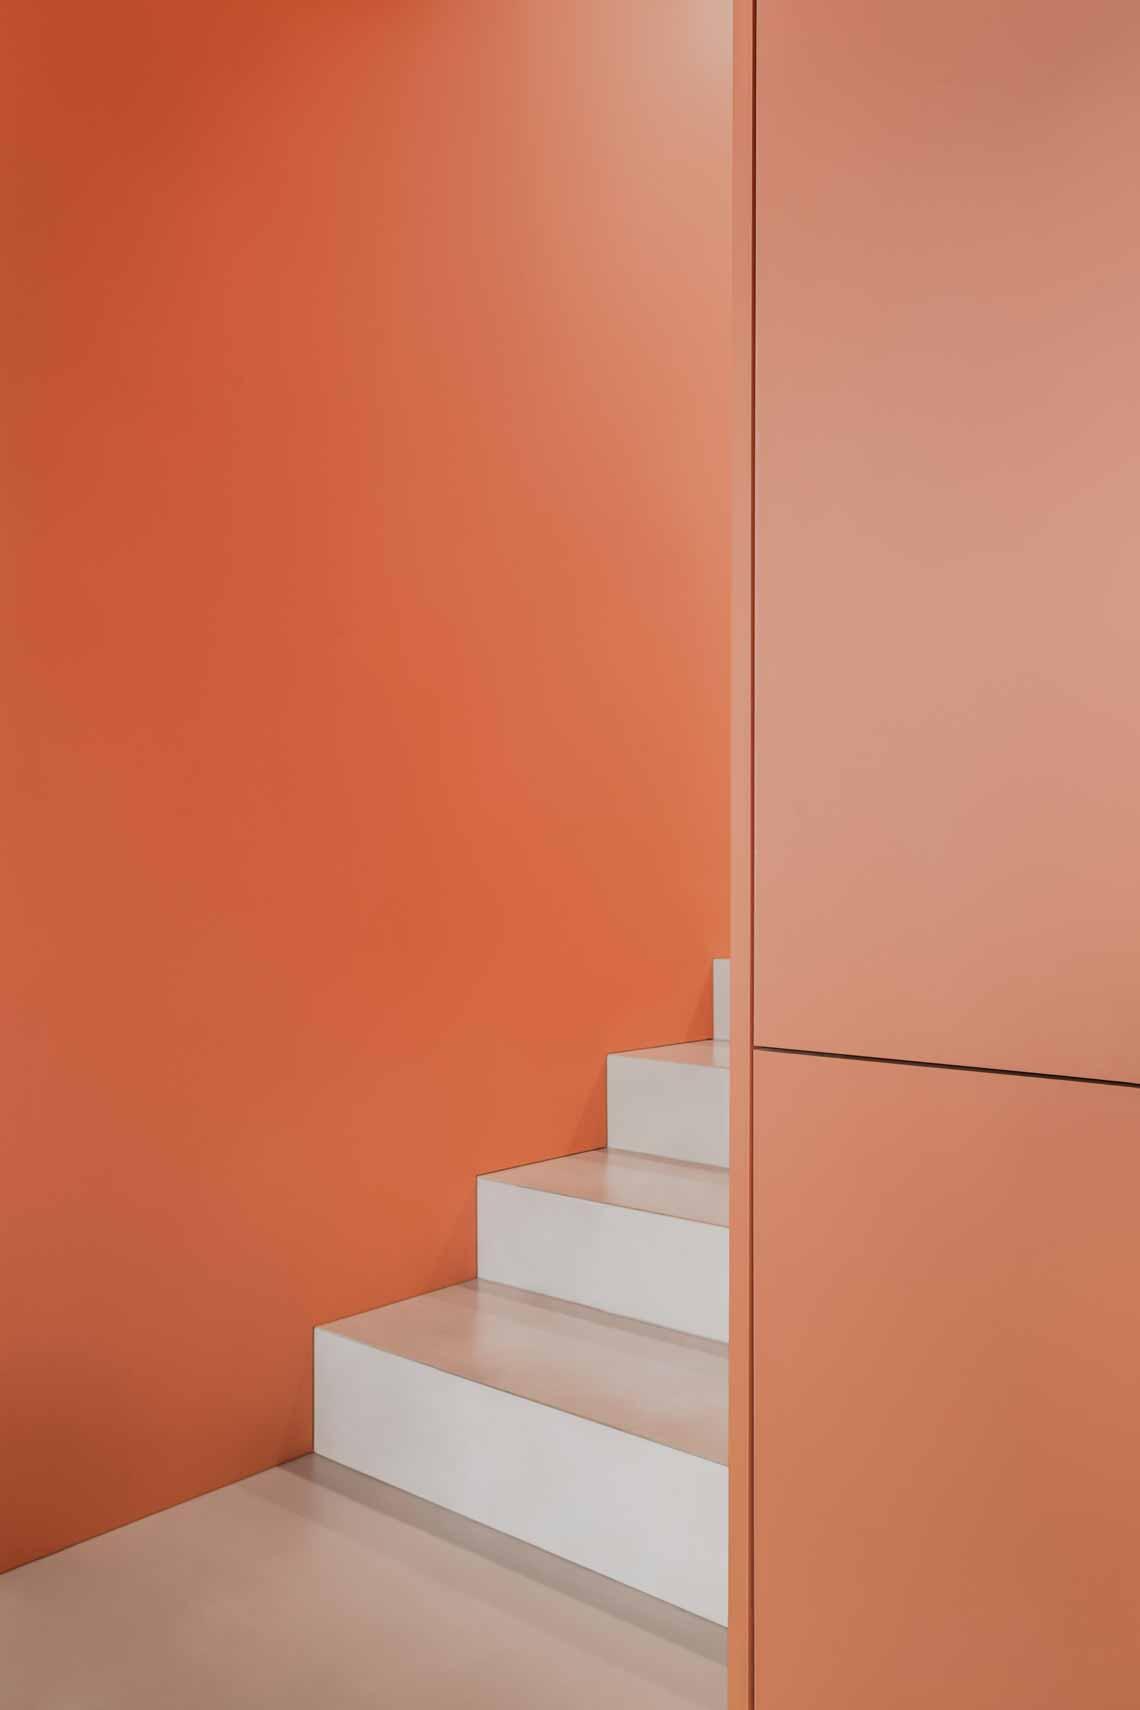 Dự án FG OFF – Một văn phòng không gian hình học màu cam -14